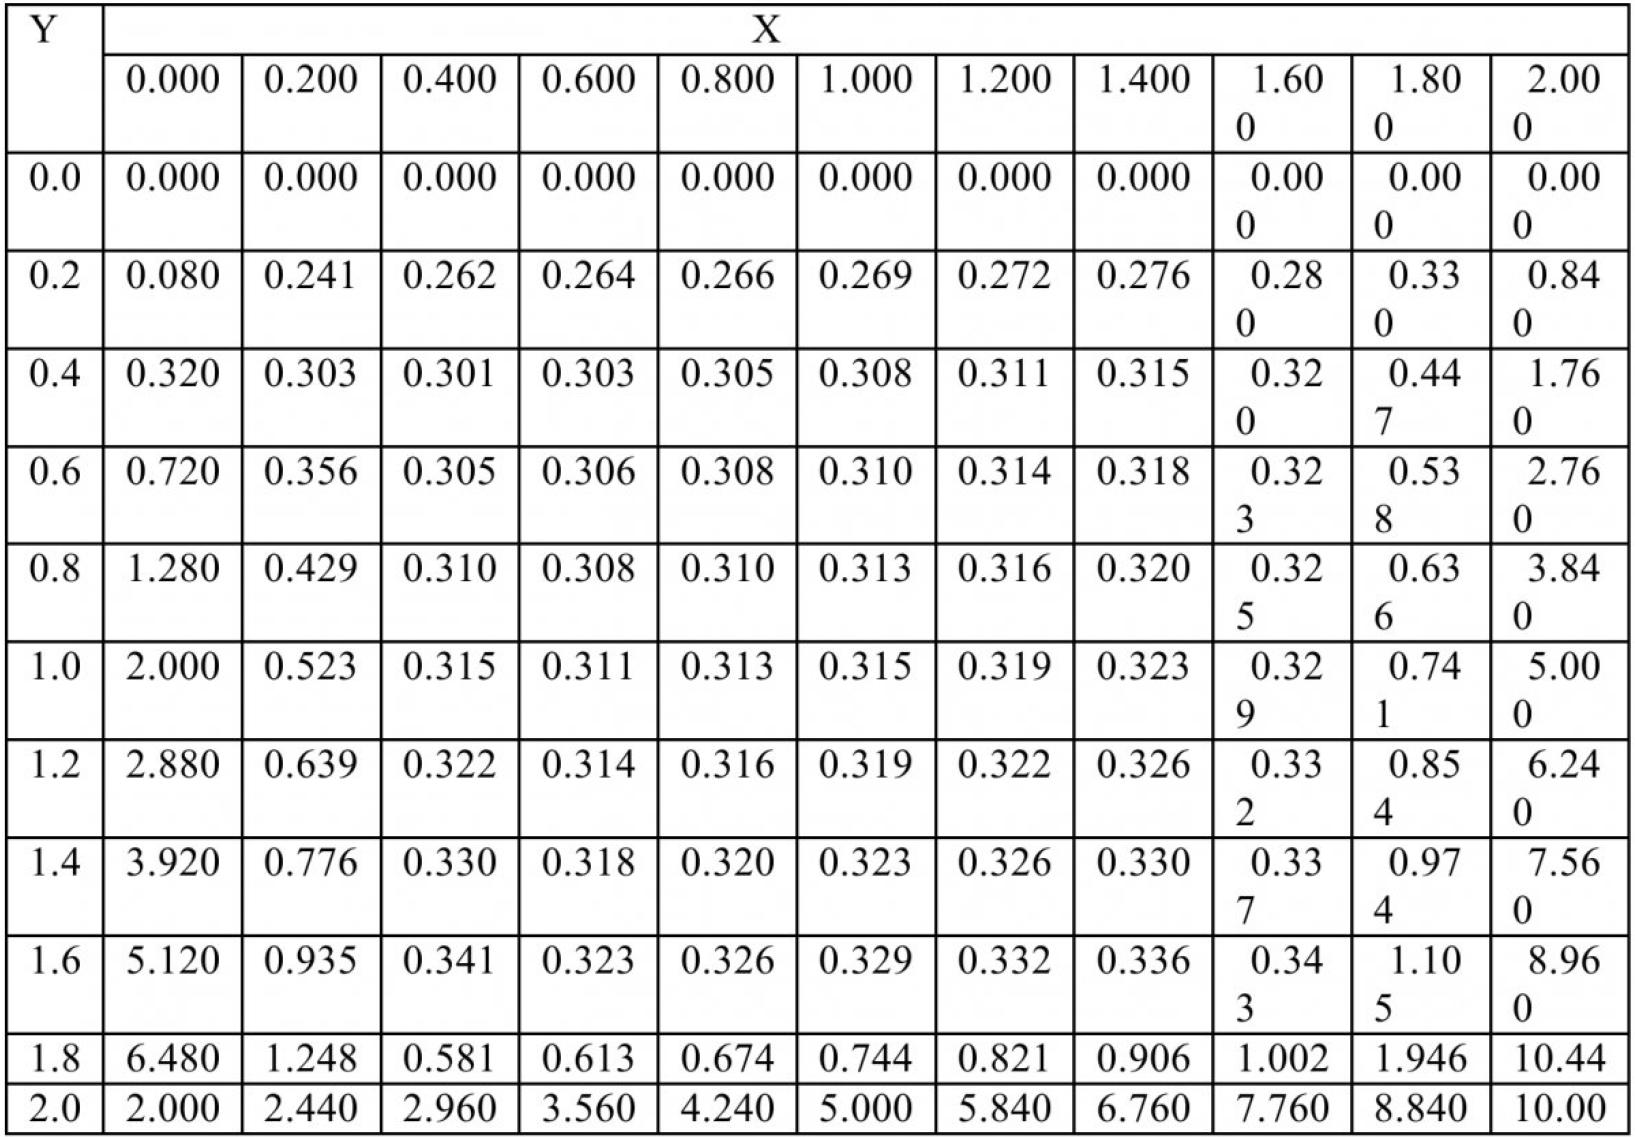 Таблица 3 – Решение первой краевой задачи Дирихле для уравнения Пуассона с заданной точностью ԑ=0.1